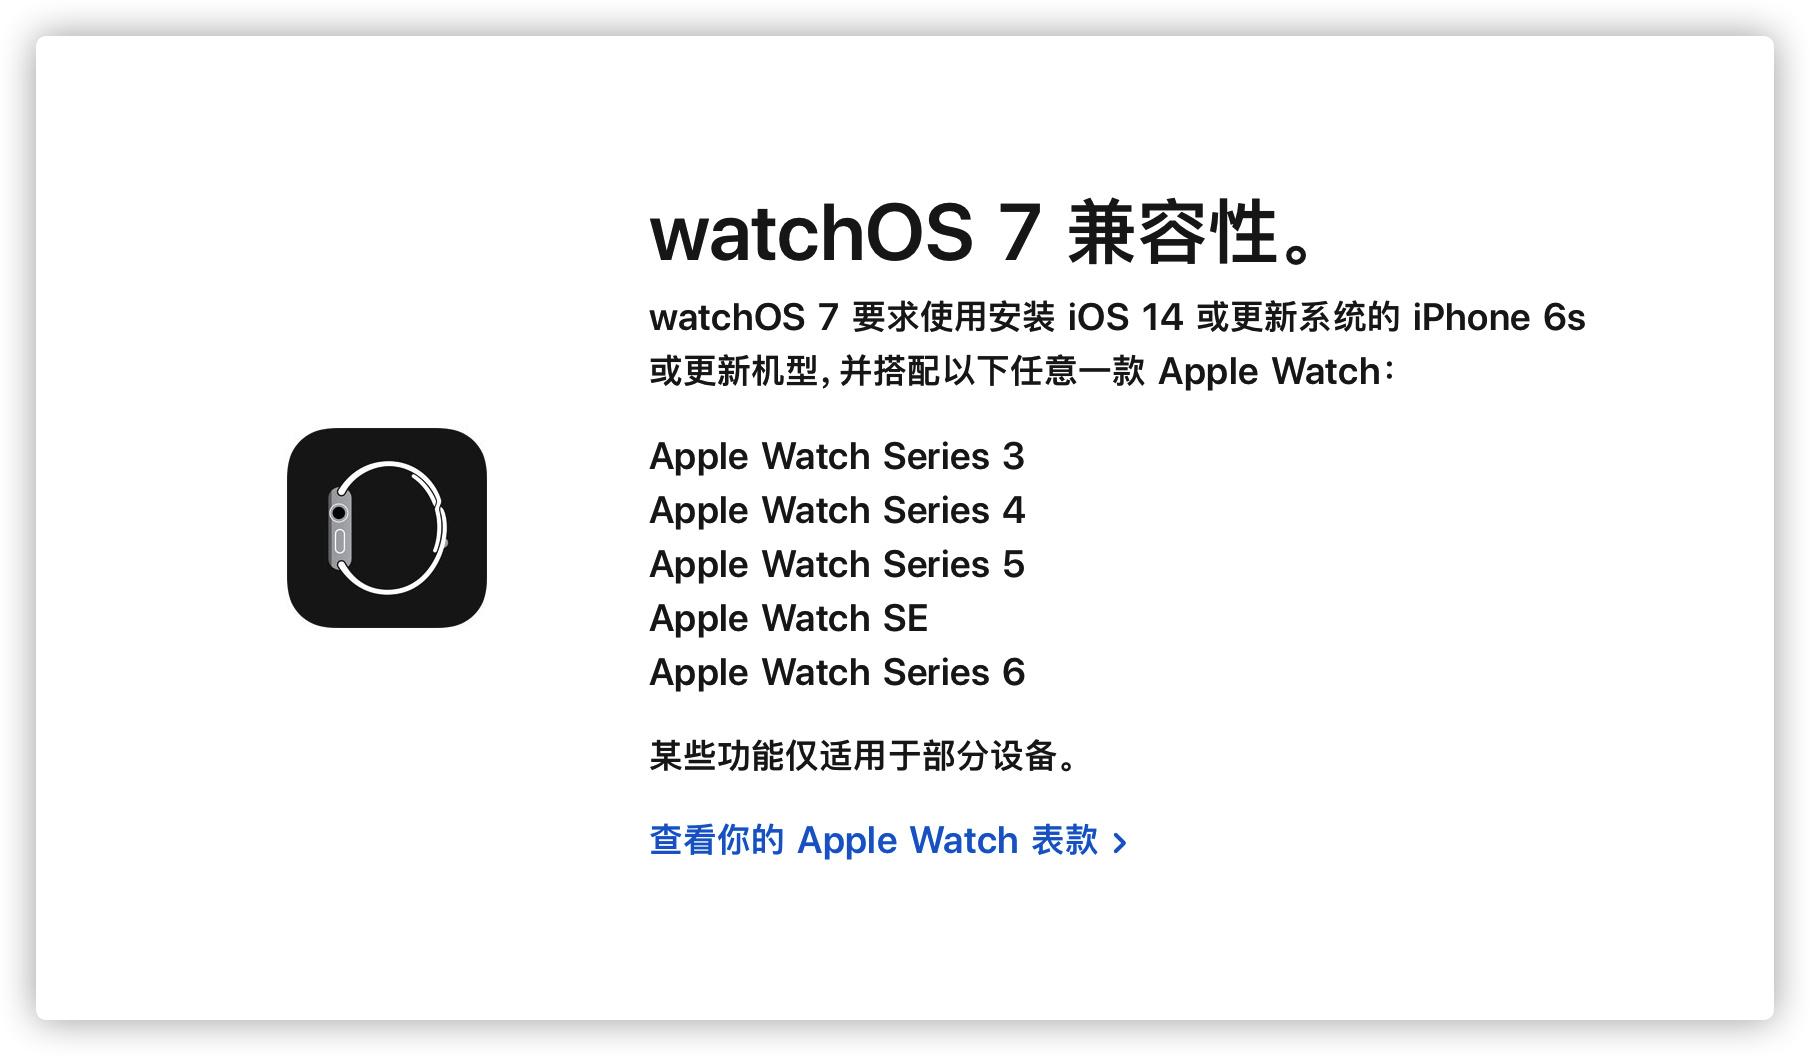 苹果推送 watchOS 7 正式版,具有新表盘 / 洗手检测等新功能